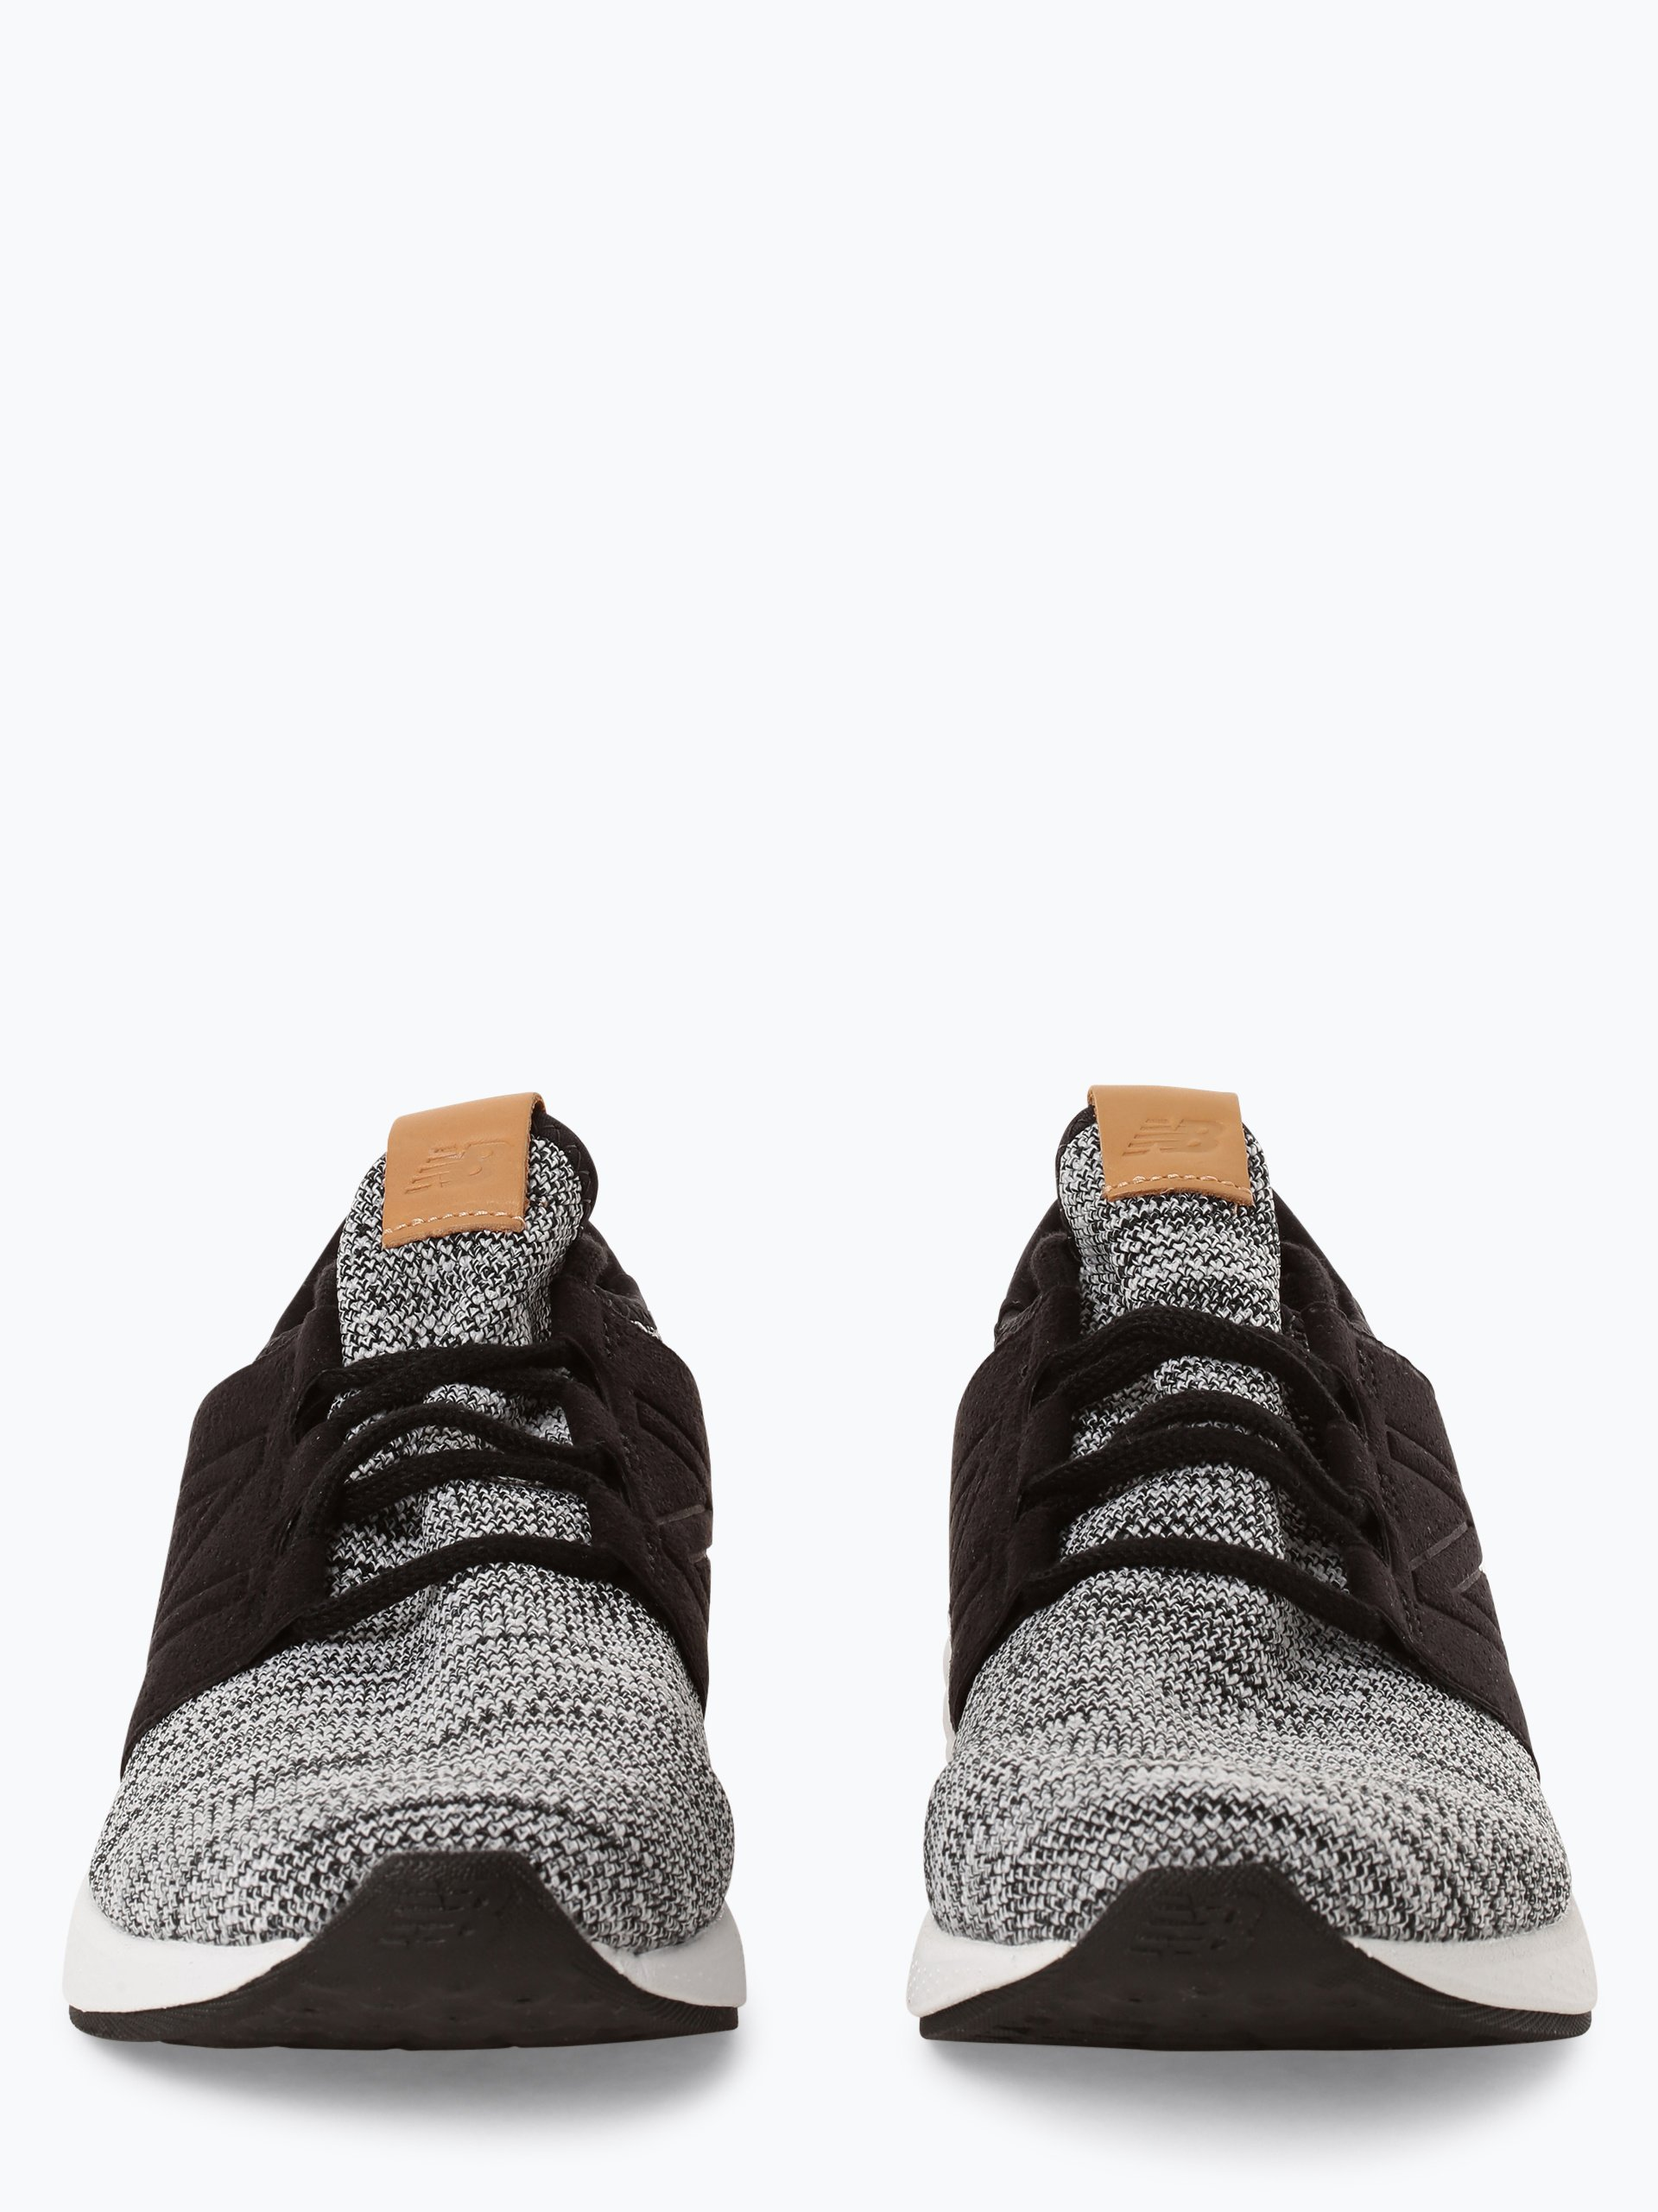 New Balance Herren Sneaker mit Leder-Anteil